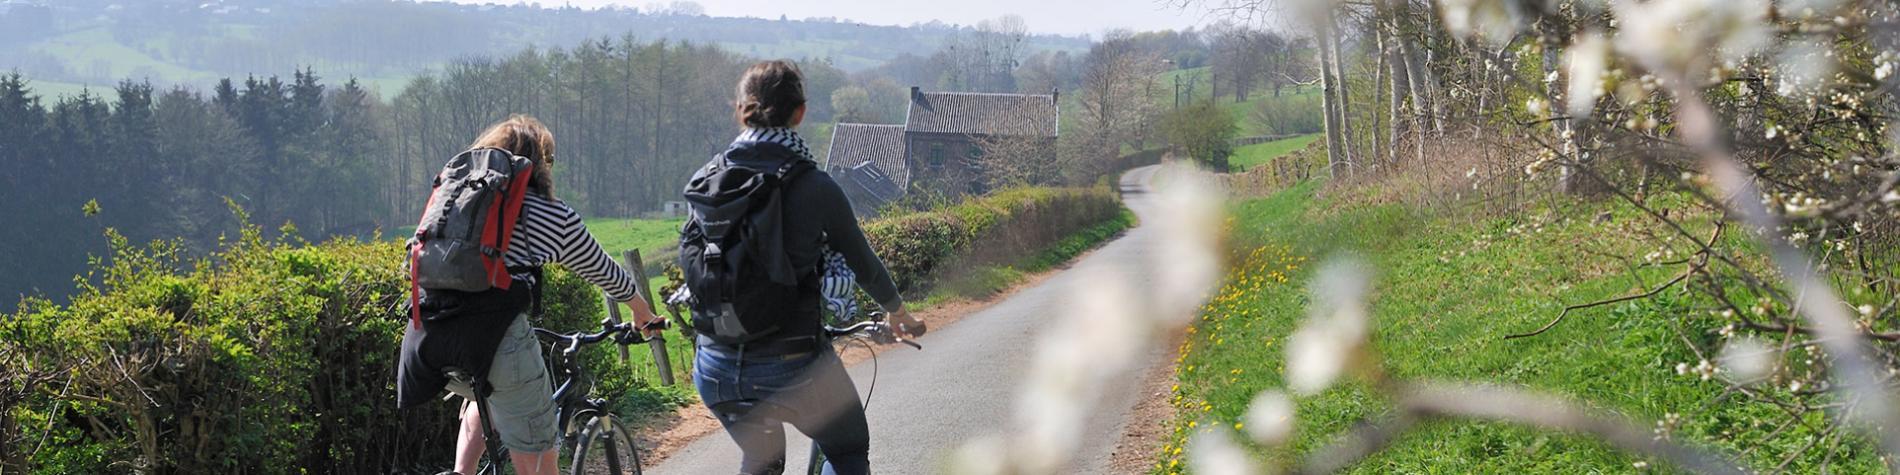 fietstocht - natuur